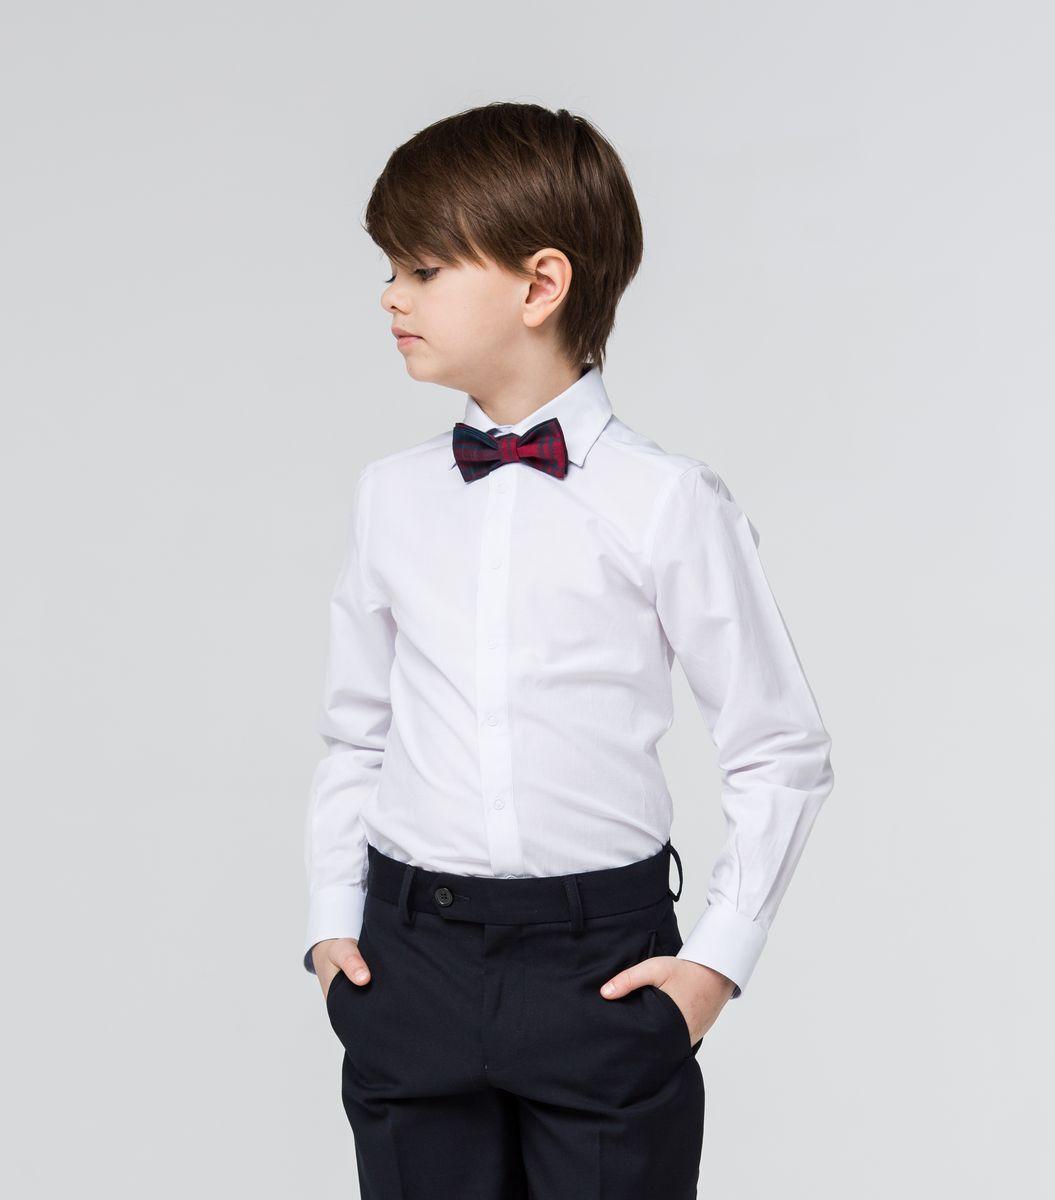 РубашкаSSFSB-629-13831-299Стильная рубашка Silver Spoon станет отличным дополнением к школьному гардеробу вашего мальчика. Модель, выполненная из хлопка с добавлением полиэстера, необычайно мягкая и приятная на ощупь, не сковывает движения и позволяет коже дышать. Рубашка классического кроя с длинными рукавами и отложным воротником застегивается на кнопки по всей длине. На манжетах предусмотрены застежки-кнопки.